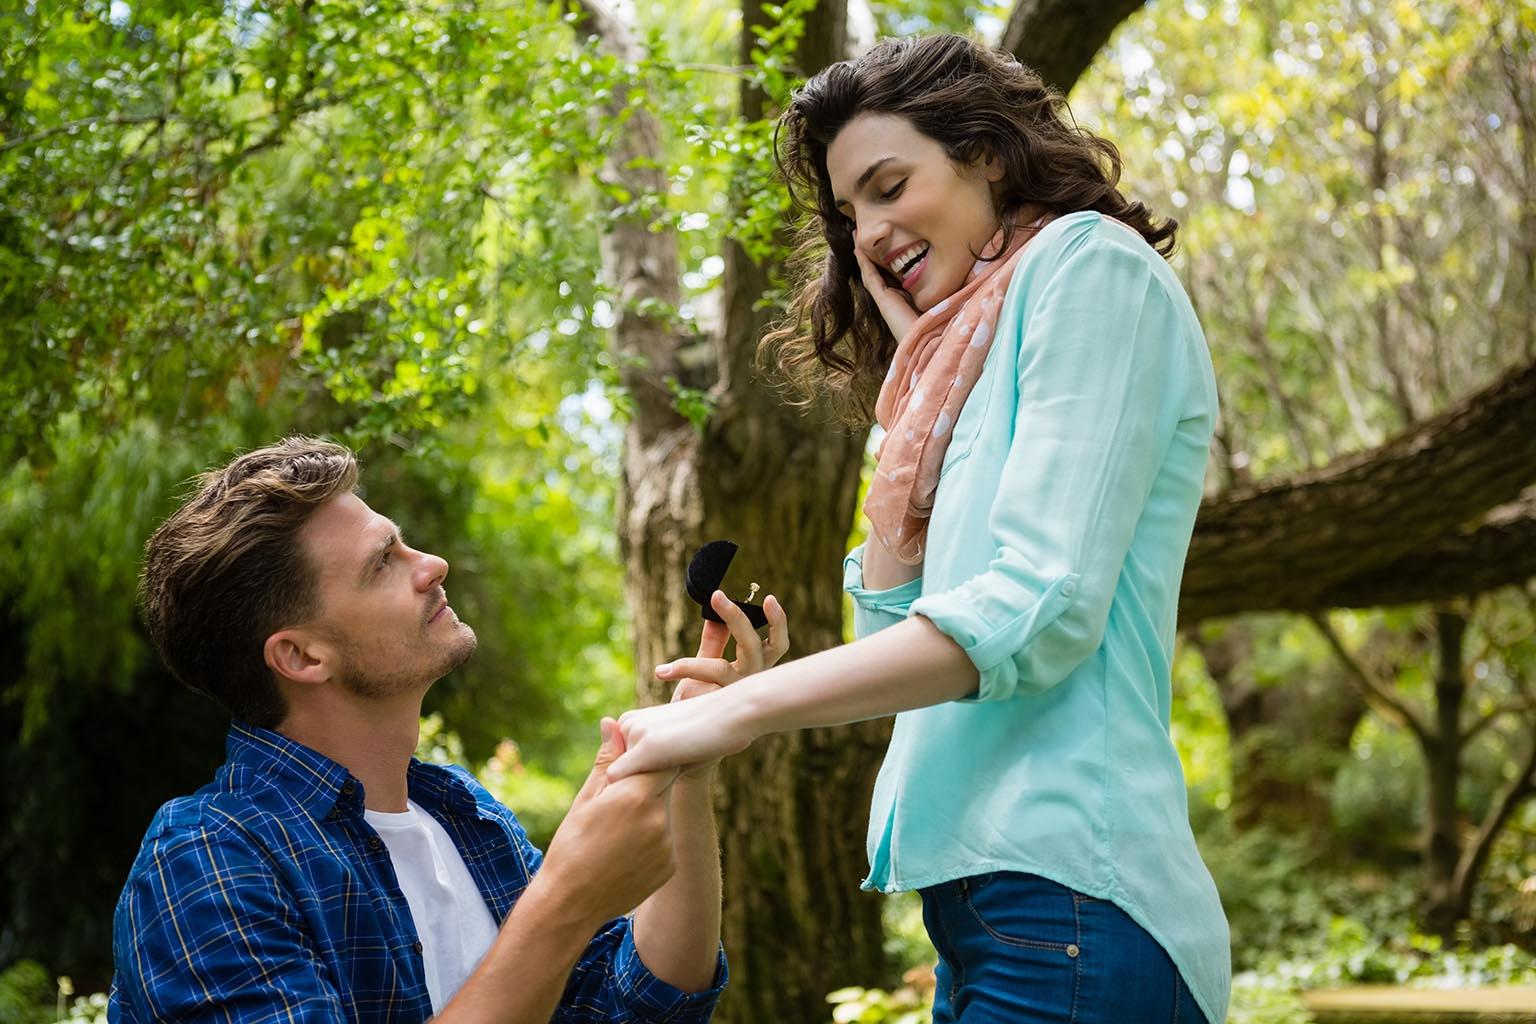 Pareja realiza una de las pedidas de mano más bonitas en un parque repleto de tirolinas y fauna donde la gente se lo pasa bien